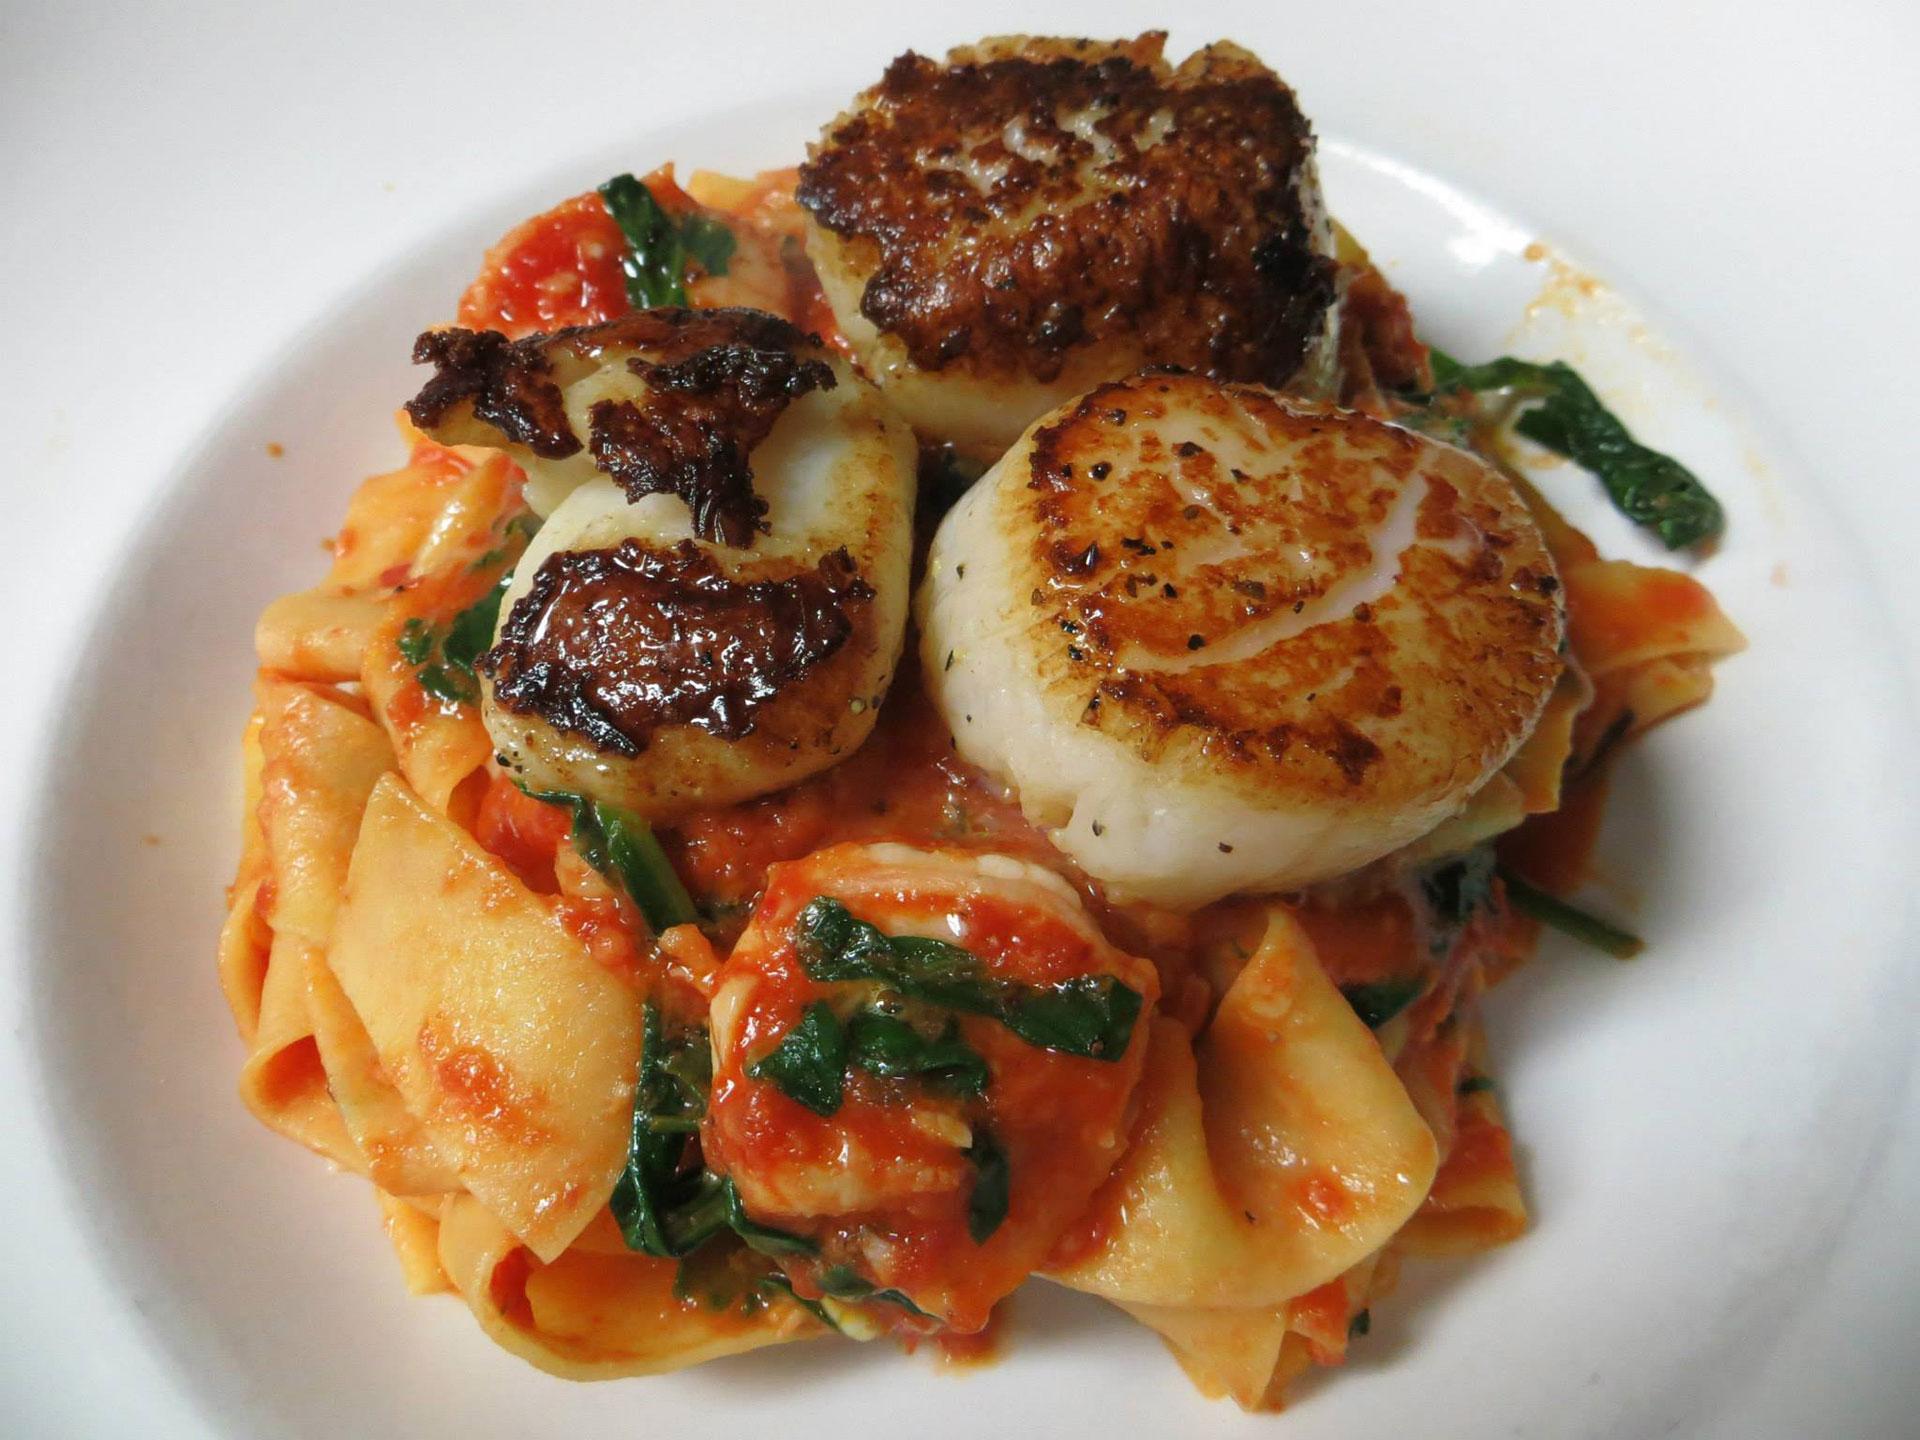 Home - Bar Italia Ristorante | Italian Cuisine | Located in the ...